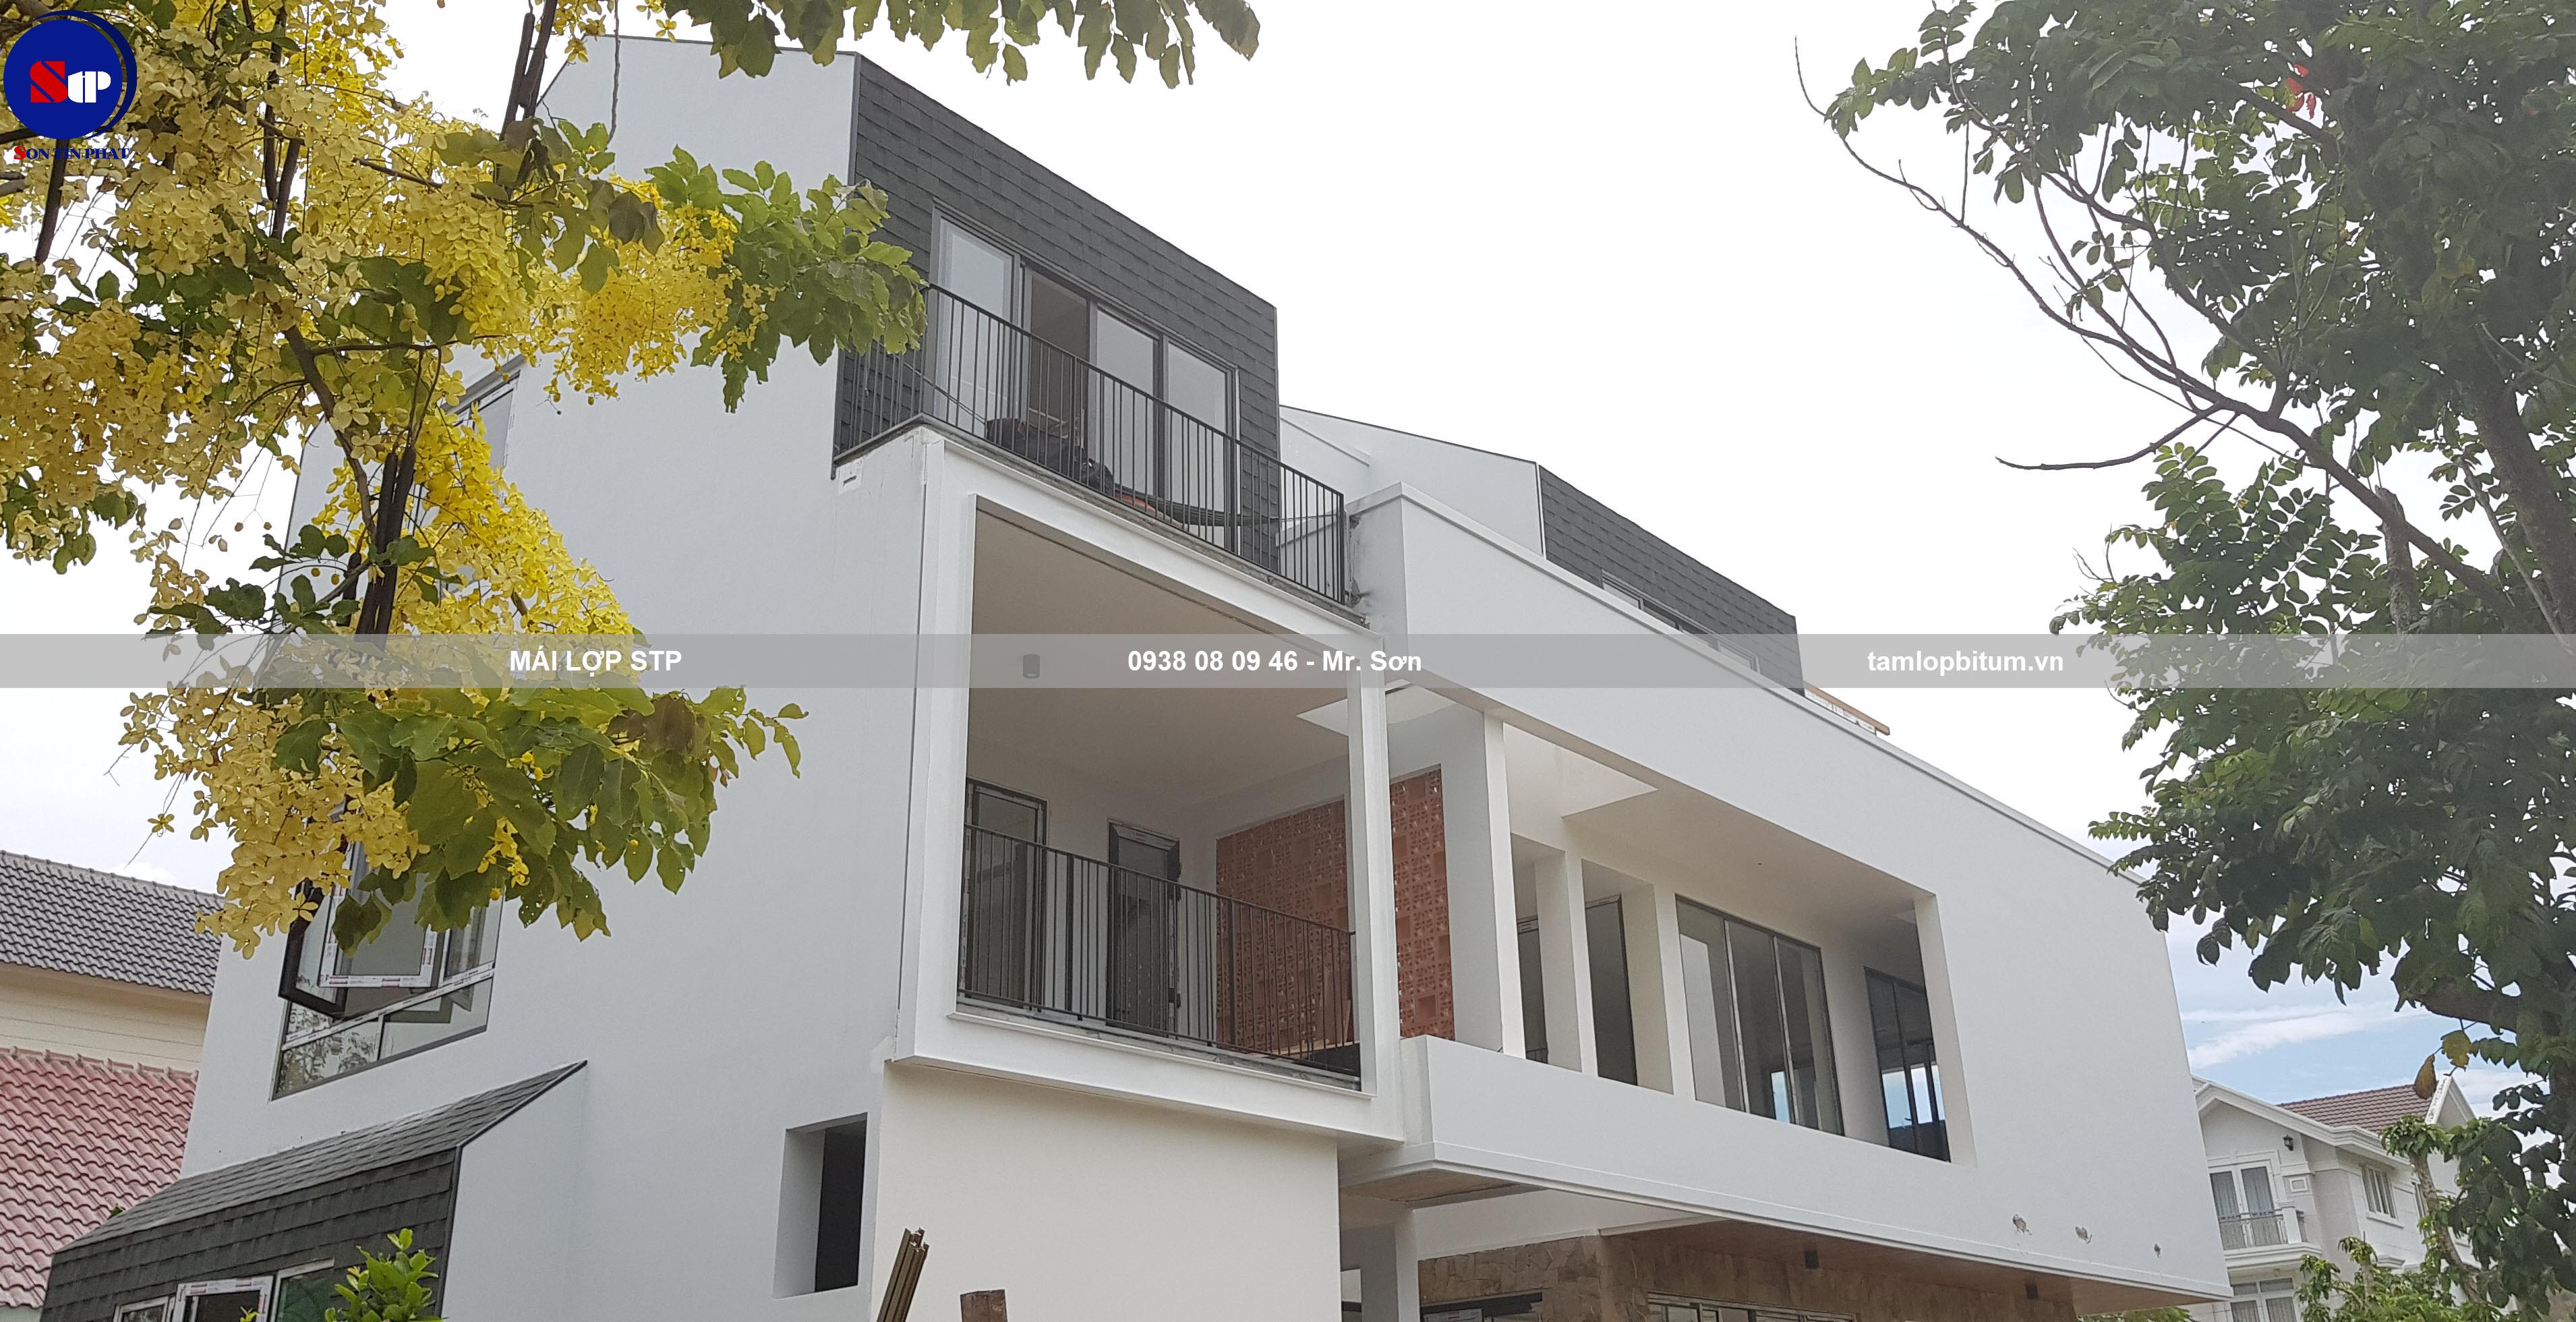 Tấm lợp xếp lớp đa tầng STP cho nhà hiện đại